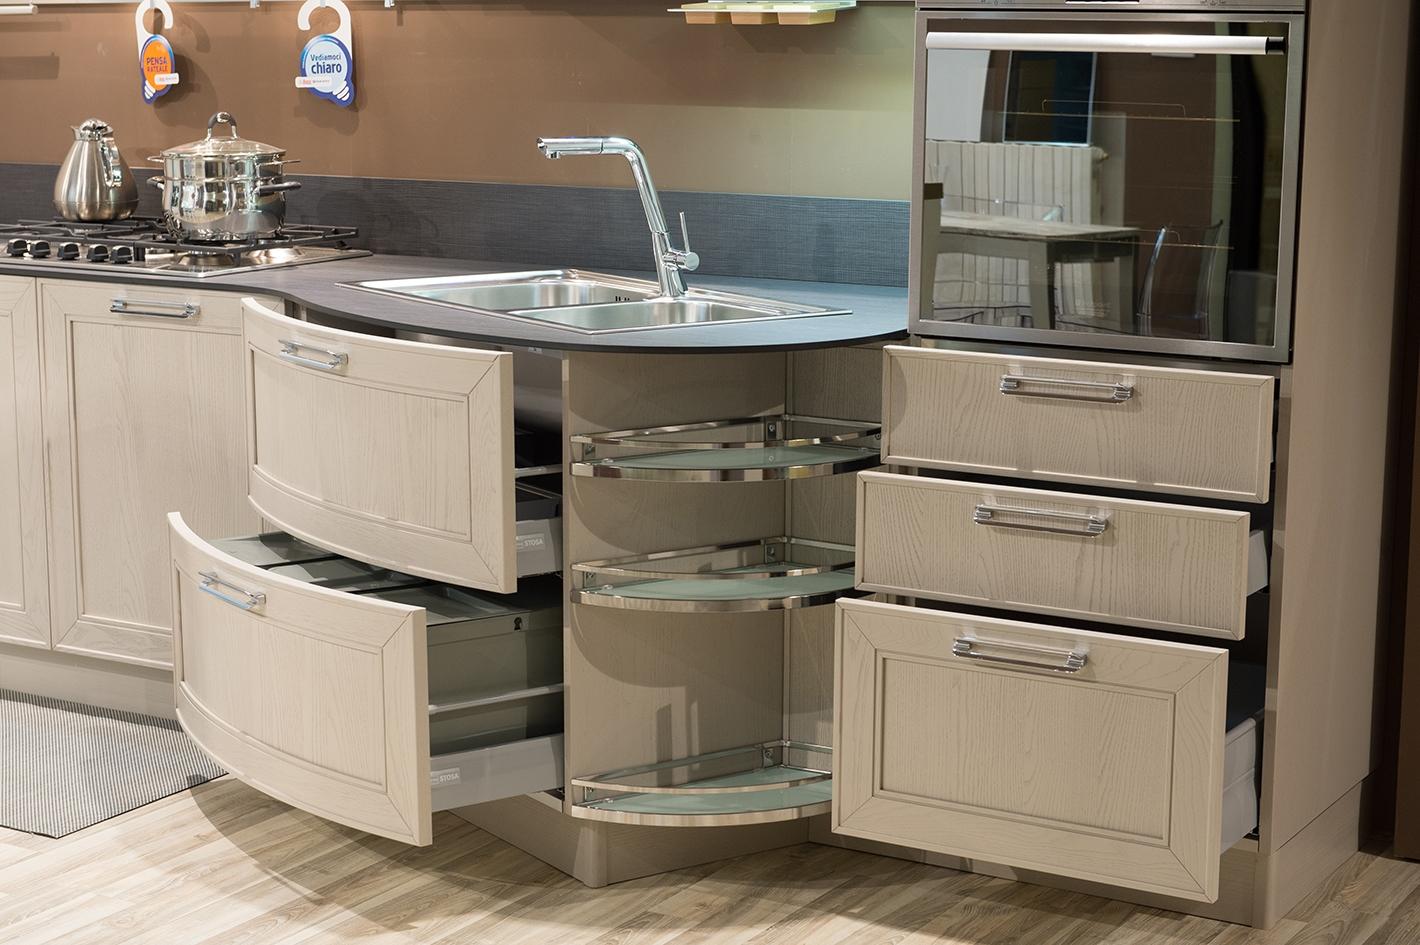 cucina stosa maxim in offerta completa di elettrodomestici ... - Cucina Elettrodomestici